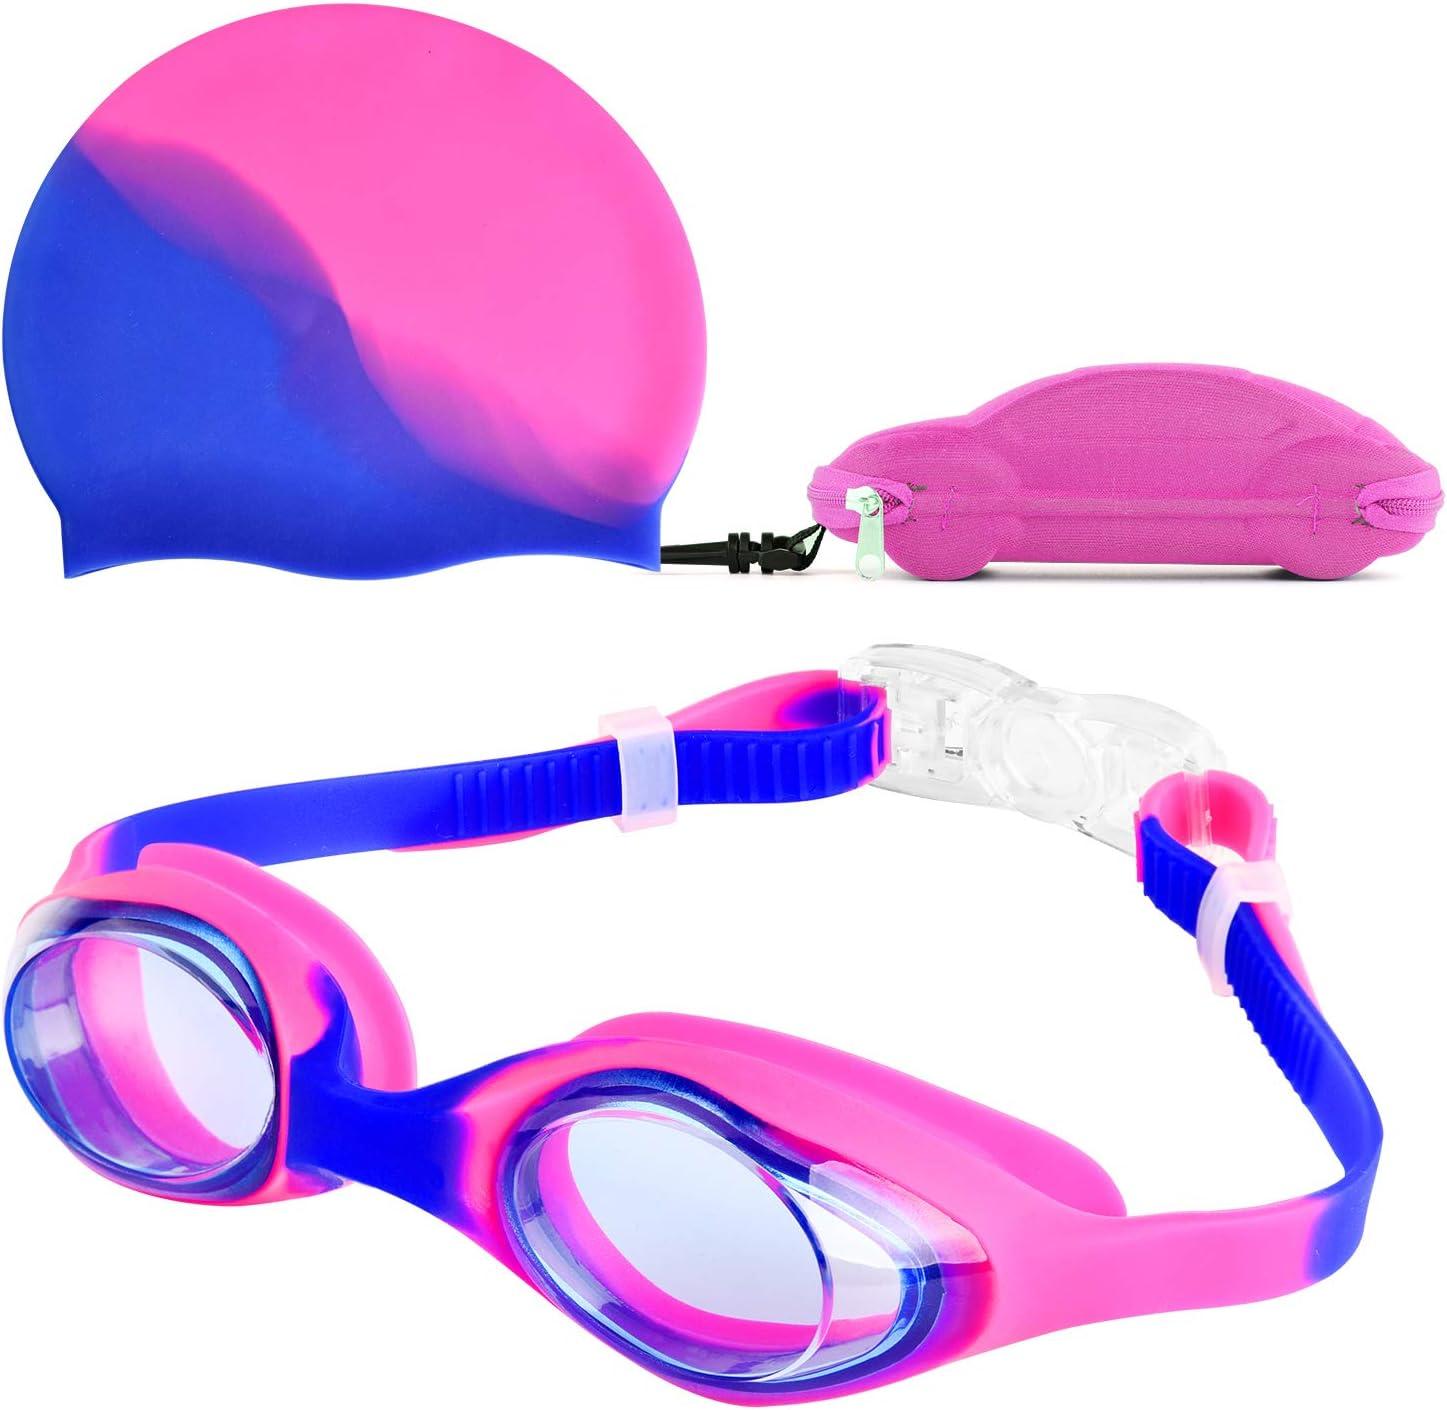 Reignet Gafas de natación, Gafas de natación para niños a Prueba de Fugas y a Prueba de Niebla, Puente de Nariz Flexible, diseño Ajustado 3D, para niños y Adolescentes (4-15 años)